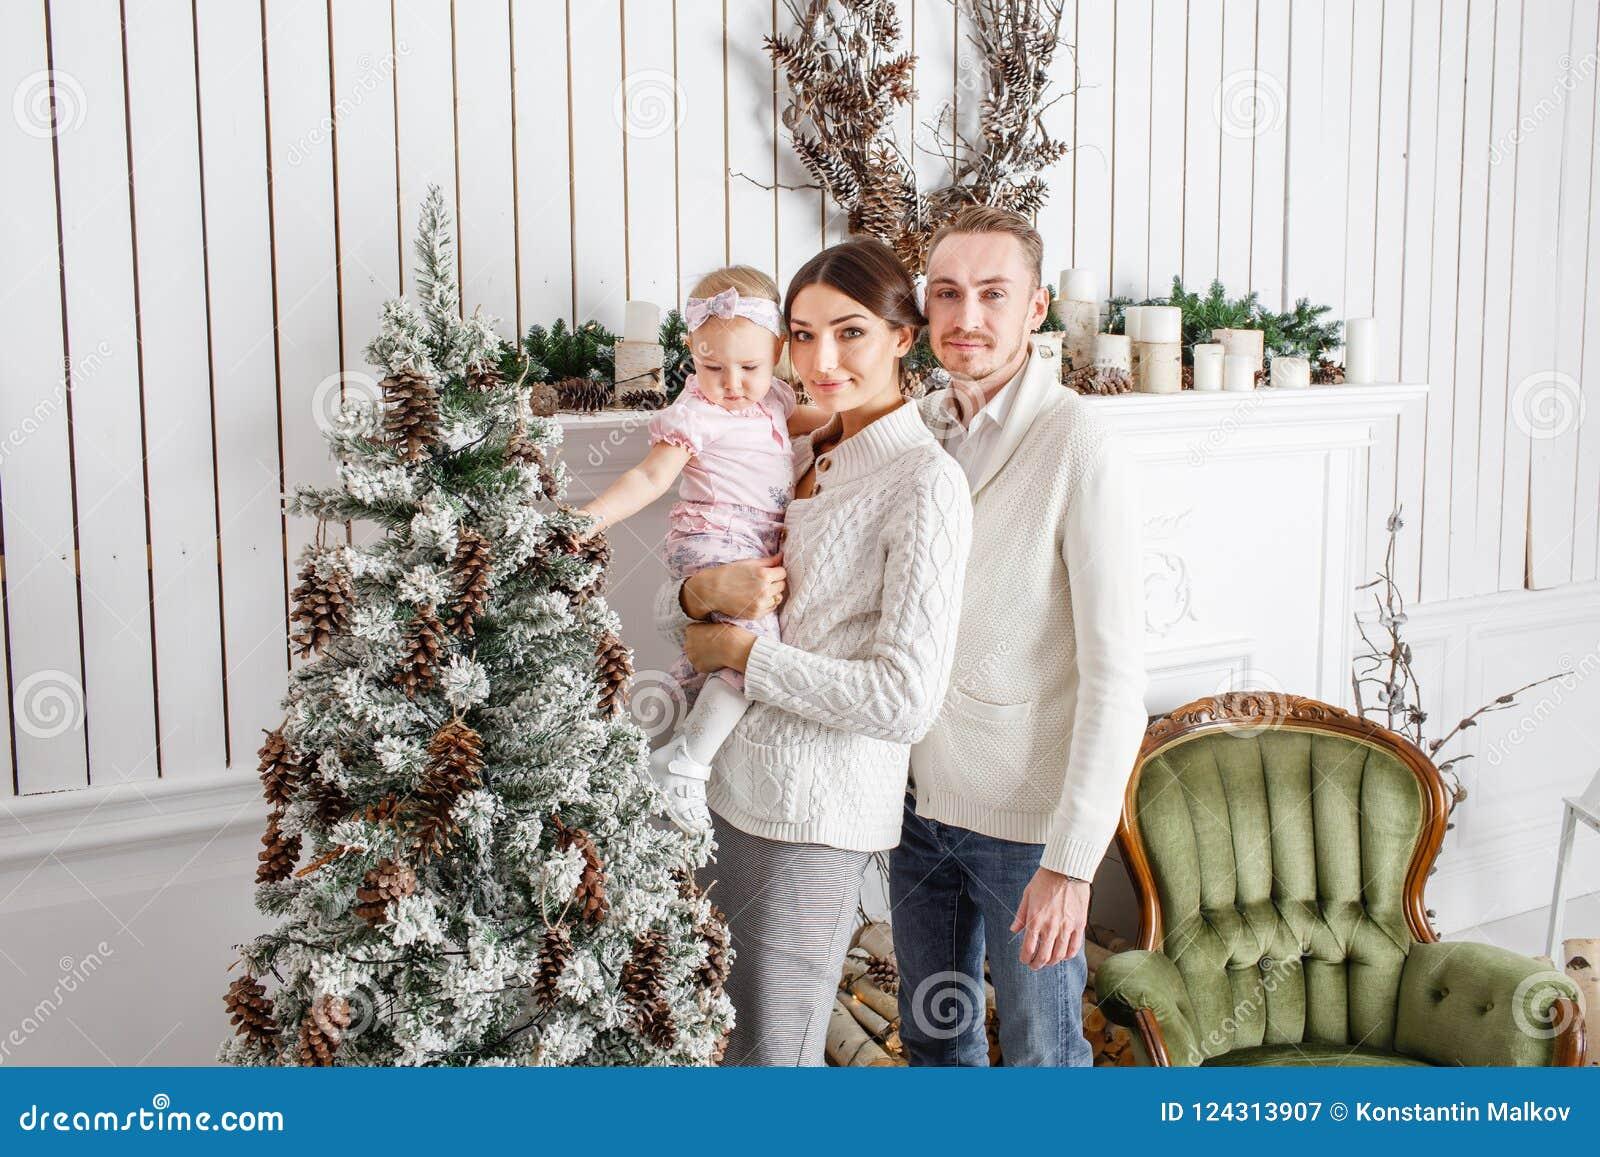 Feliz Navidad de la familia cariñosa y Feliz Año Nuevo Gente bonita alegre Mamá y papá que abrazan a la pequeña hija padres